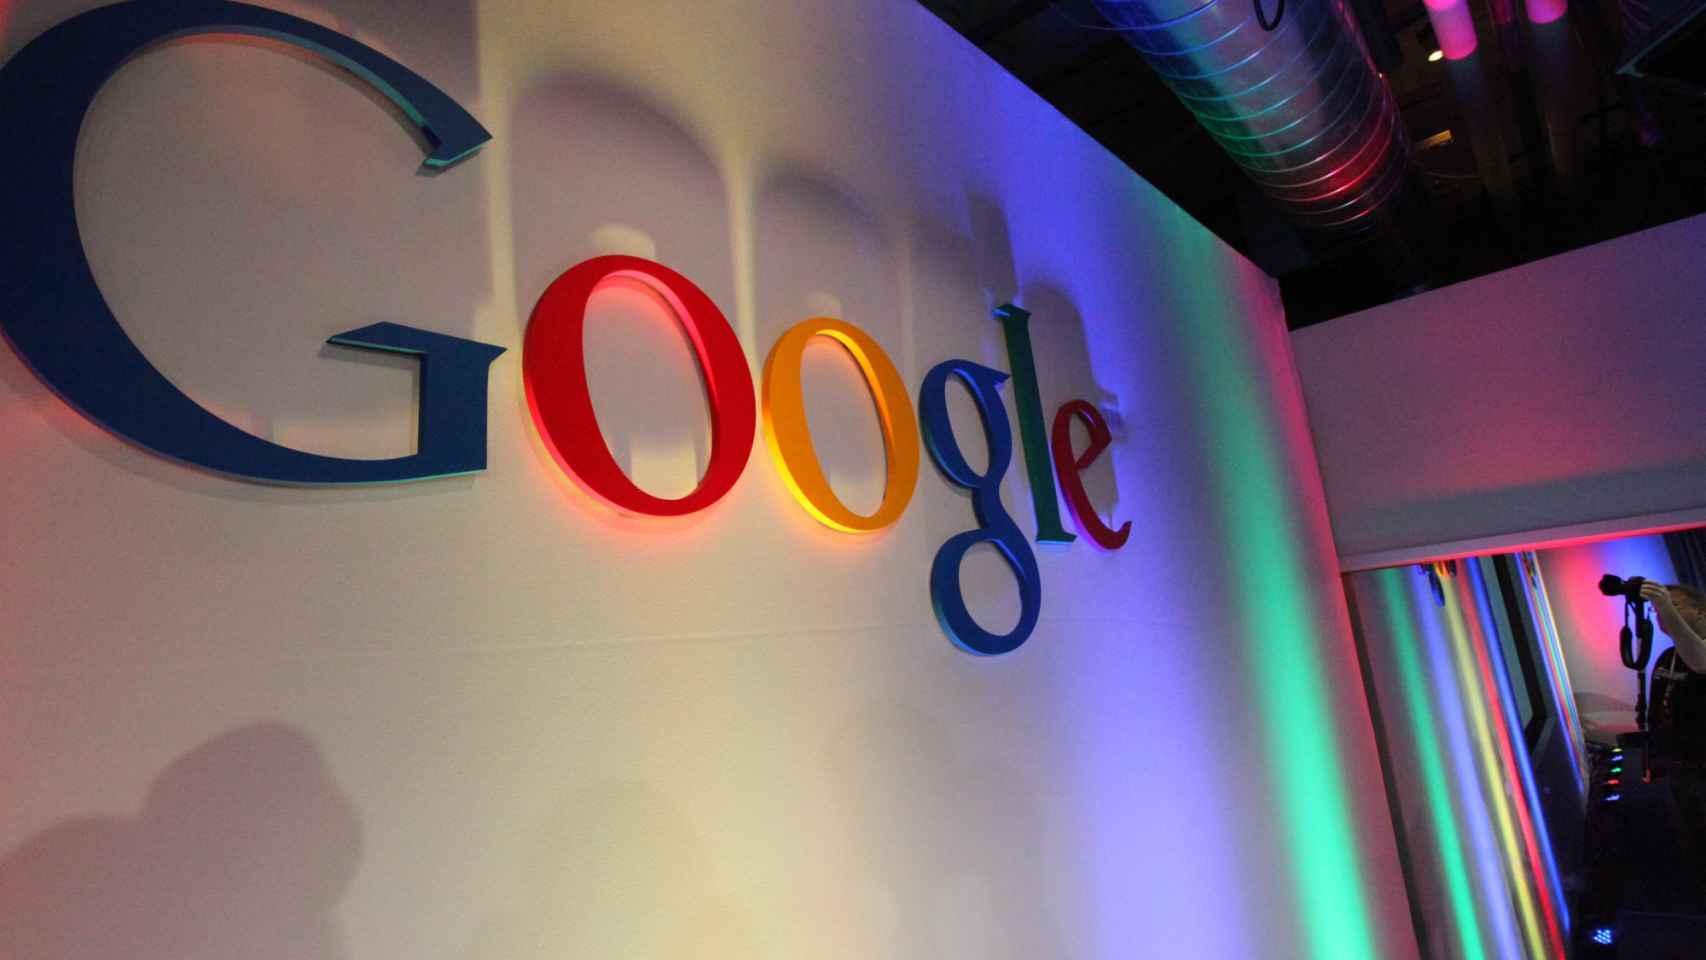 Google lidera la economía digital en España.